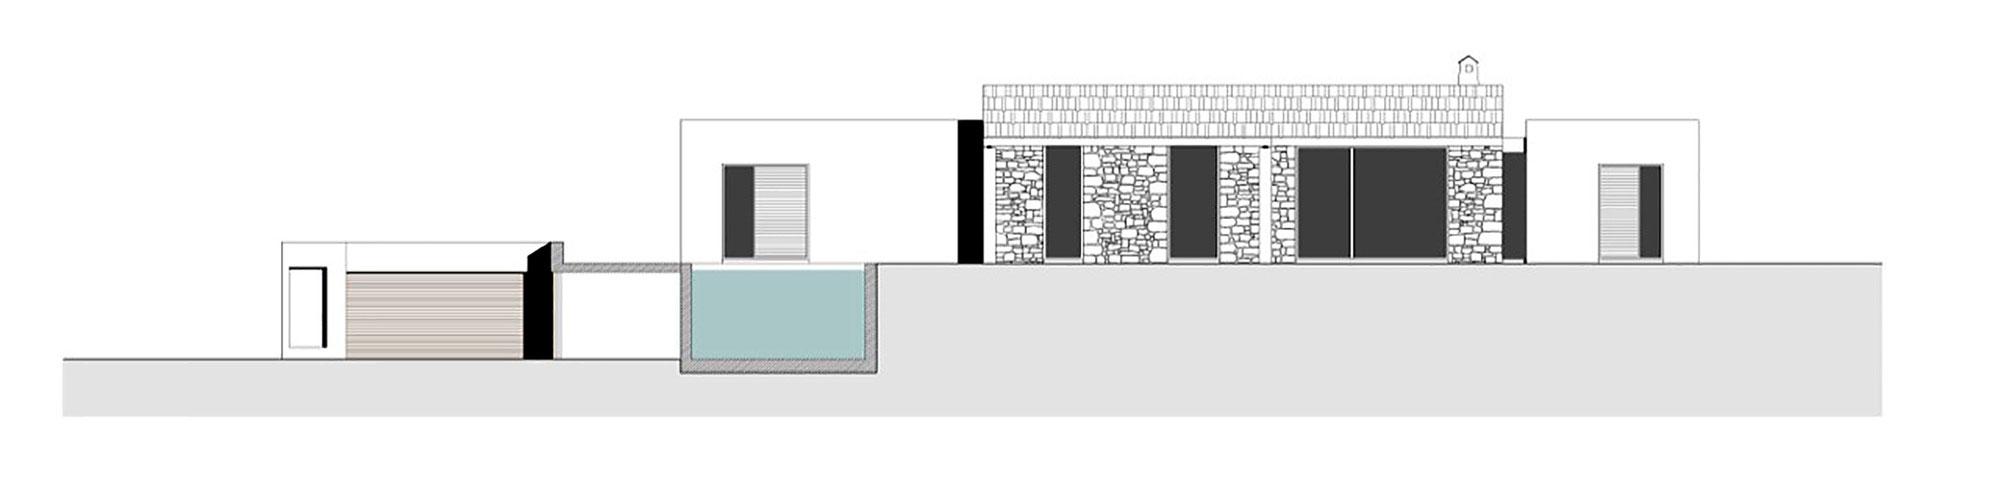 Melana Residence by Valia Foufa & Panagiotis Papassotiriou-19